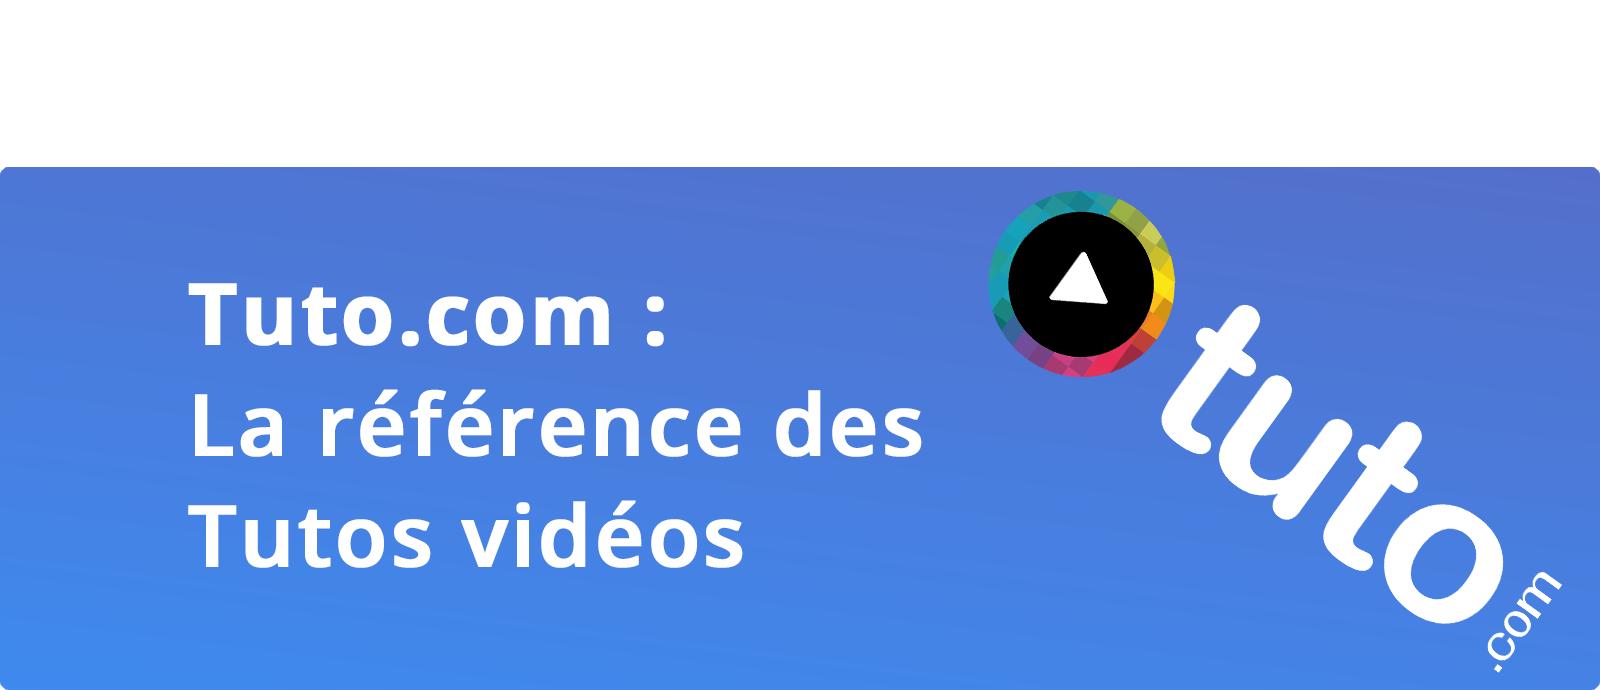 Tuto.com : La référence des Tutos vidéos